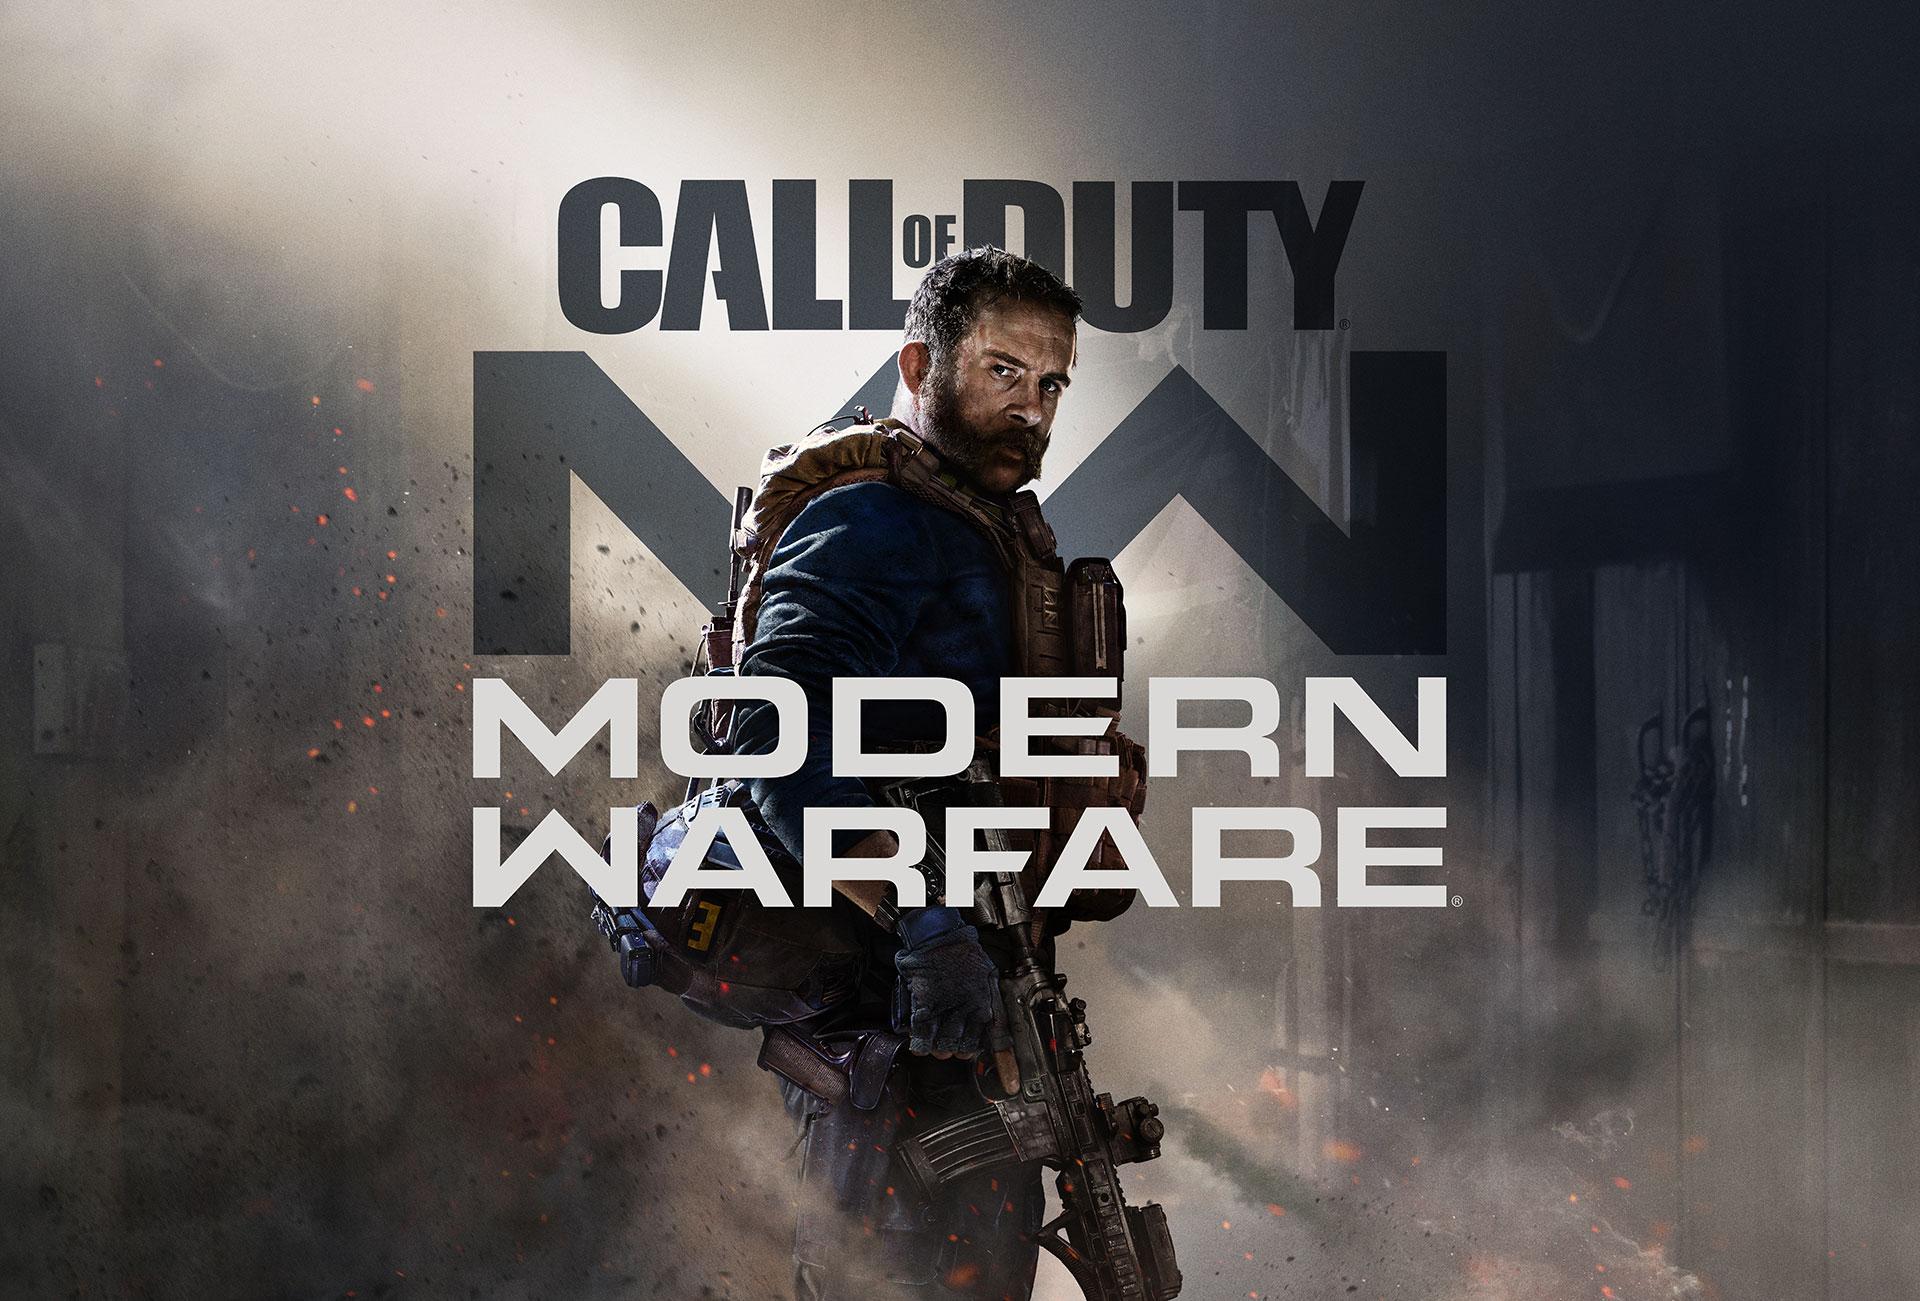 Call of Duty: Modern Warfare rompe el récord de ventas de la franquicia